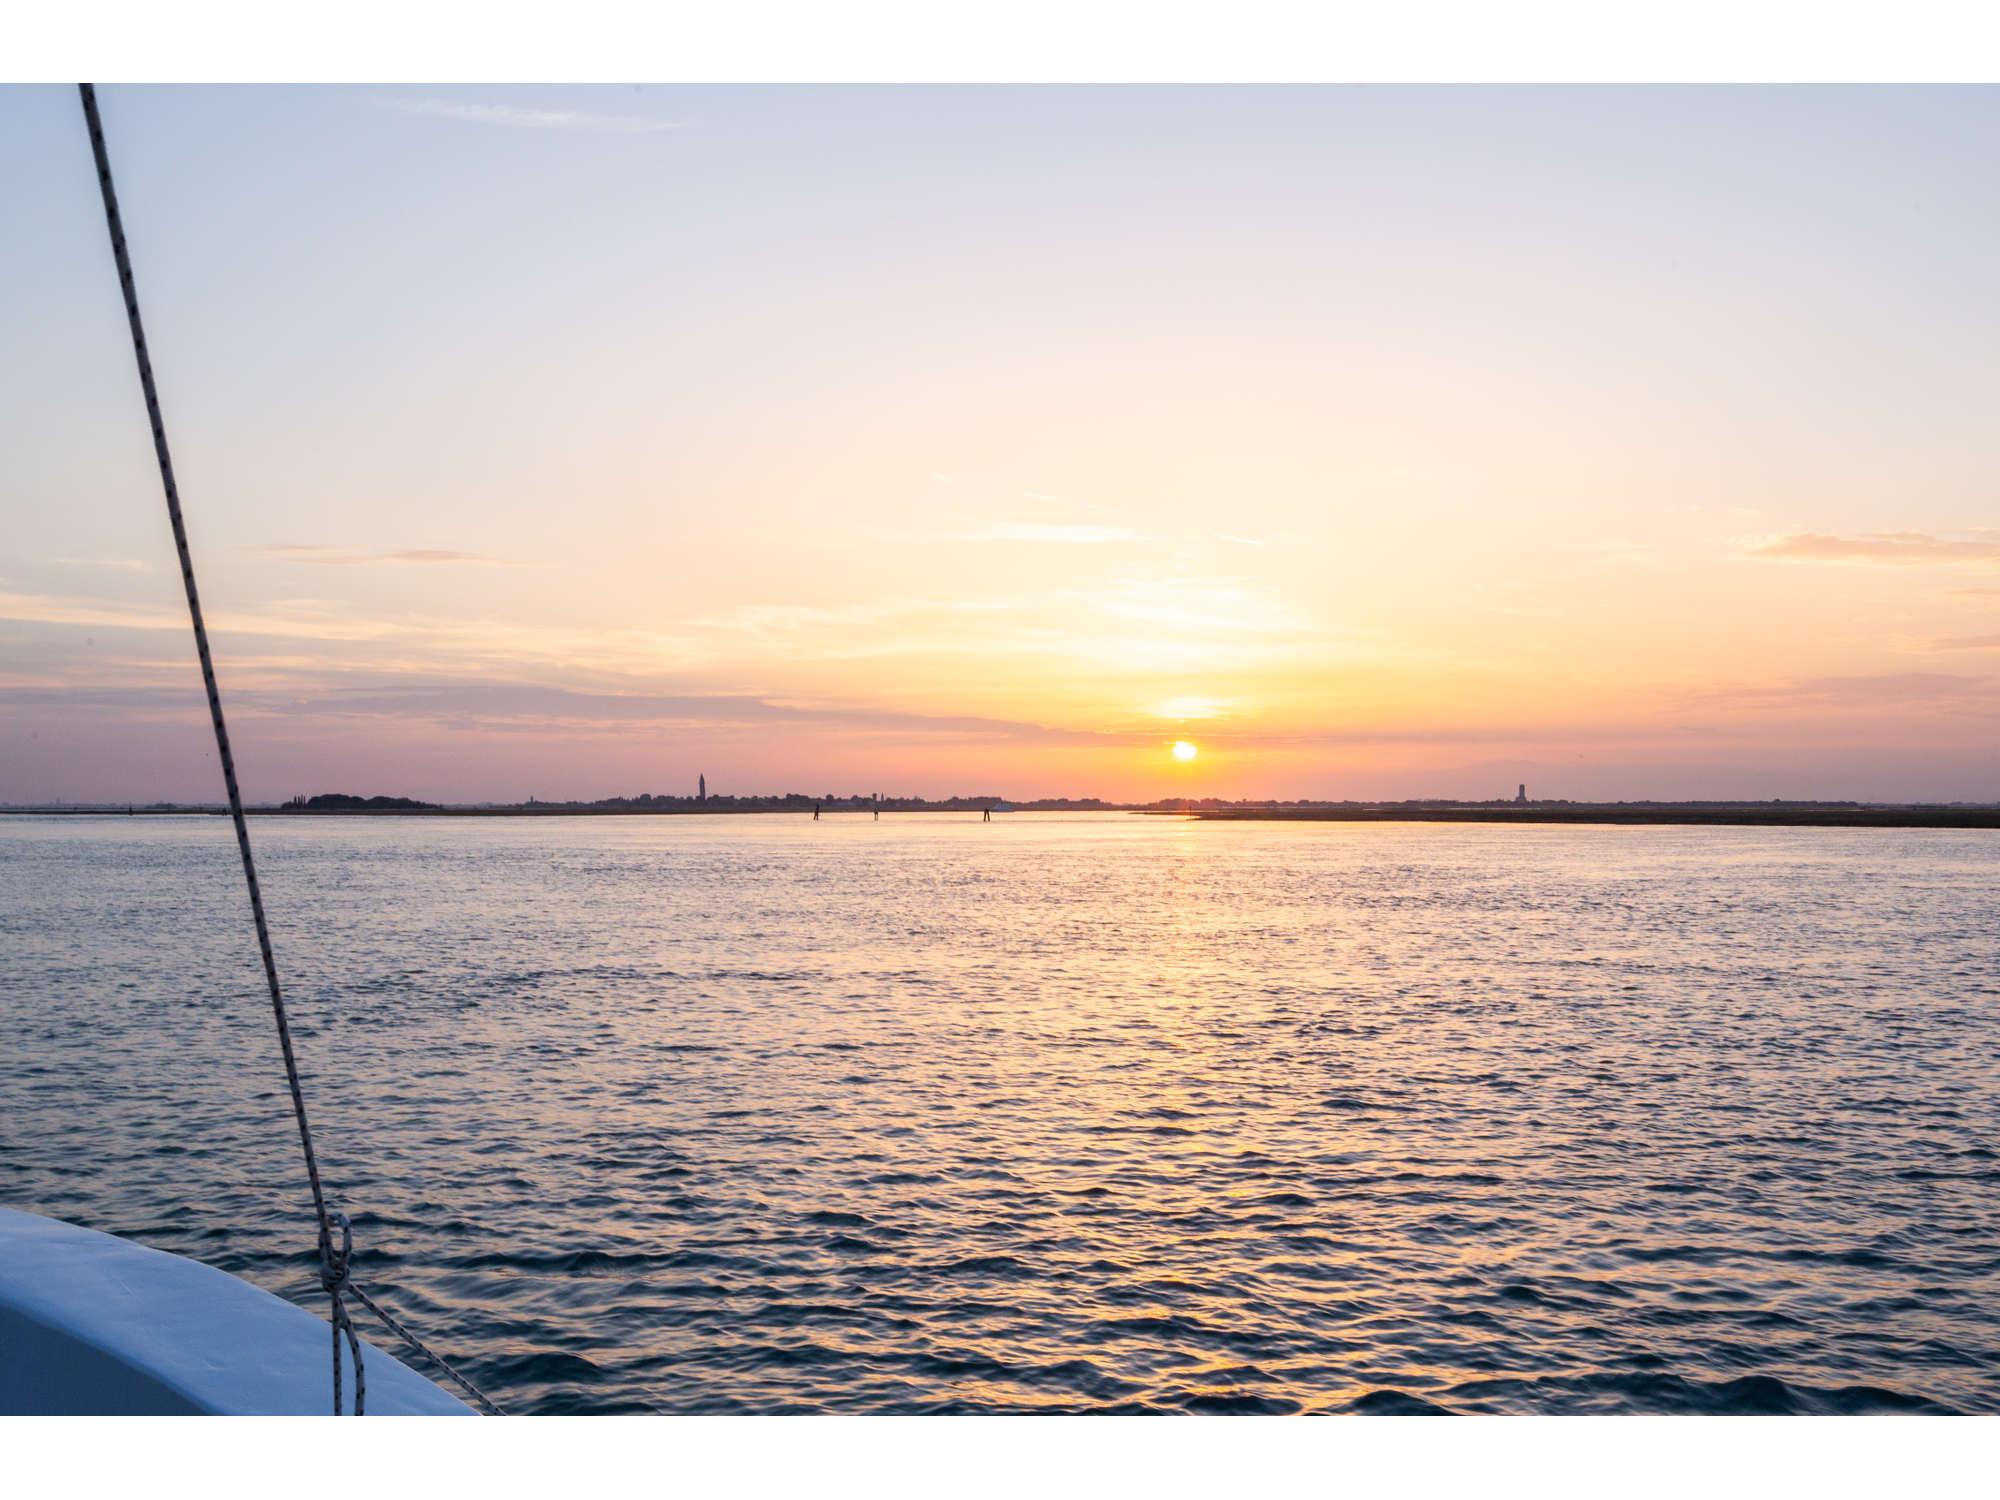 Venice-lagoon-at-sunset